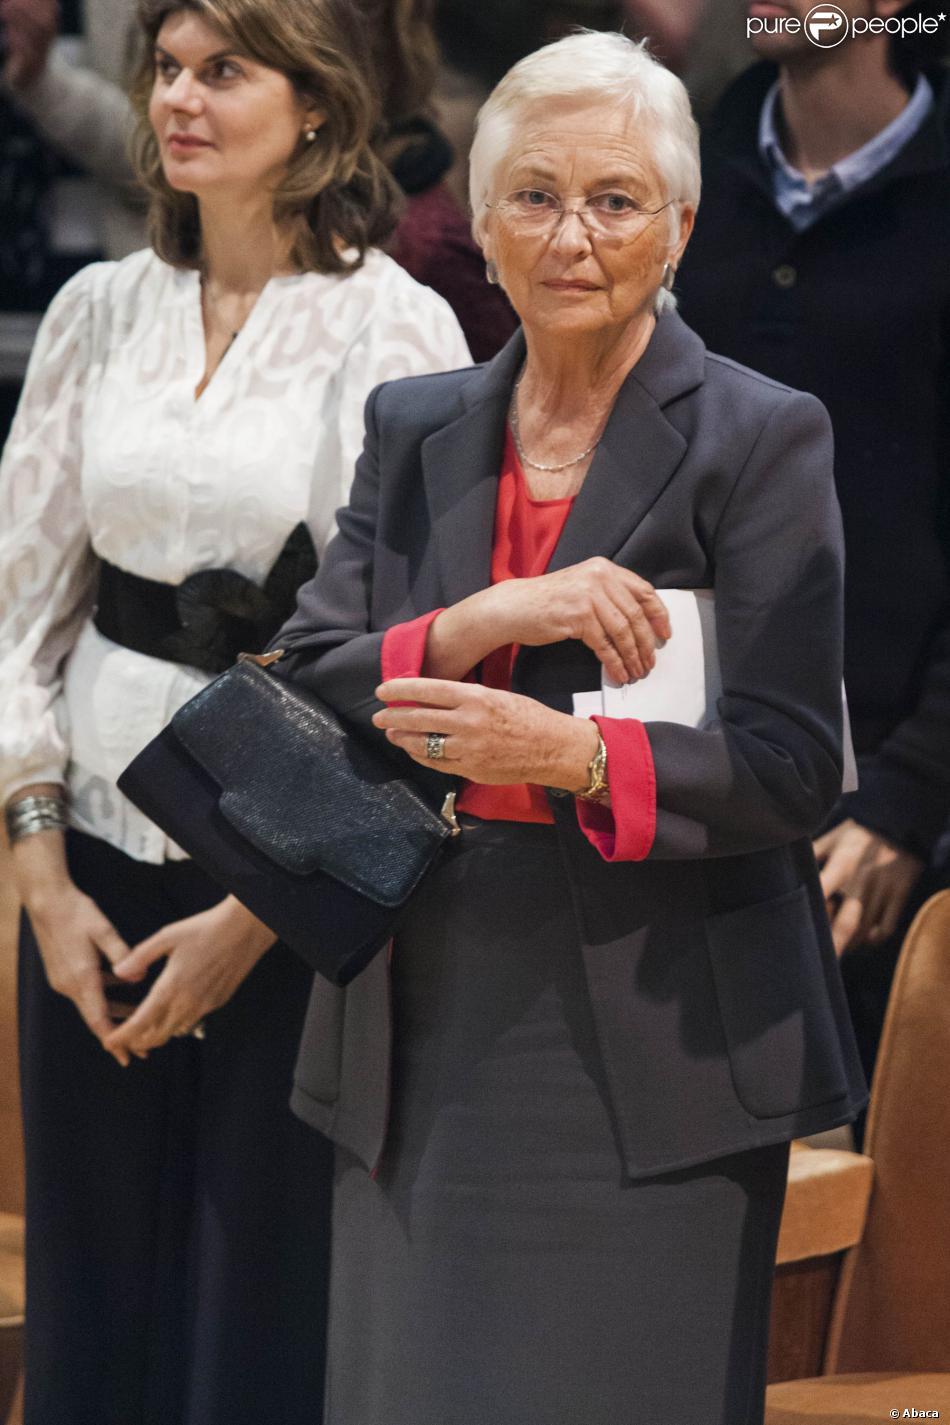 La reine Paola de Belgique avec sa nouvelle coupe ultracourte au concert organisé par Equinox et la Chapelle Musicale Reine Elisabeth au Hall Flagey le 30 novembre 2013